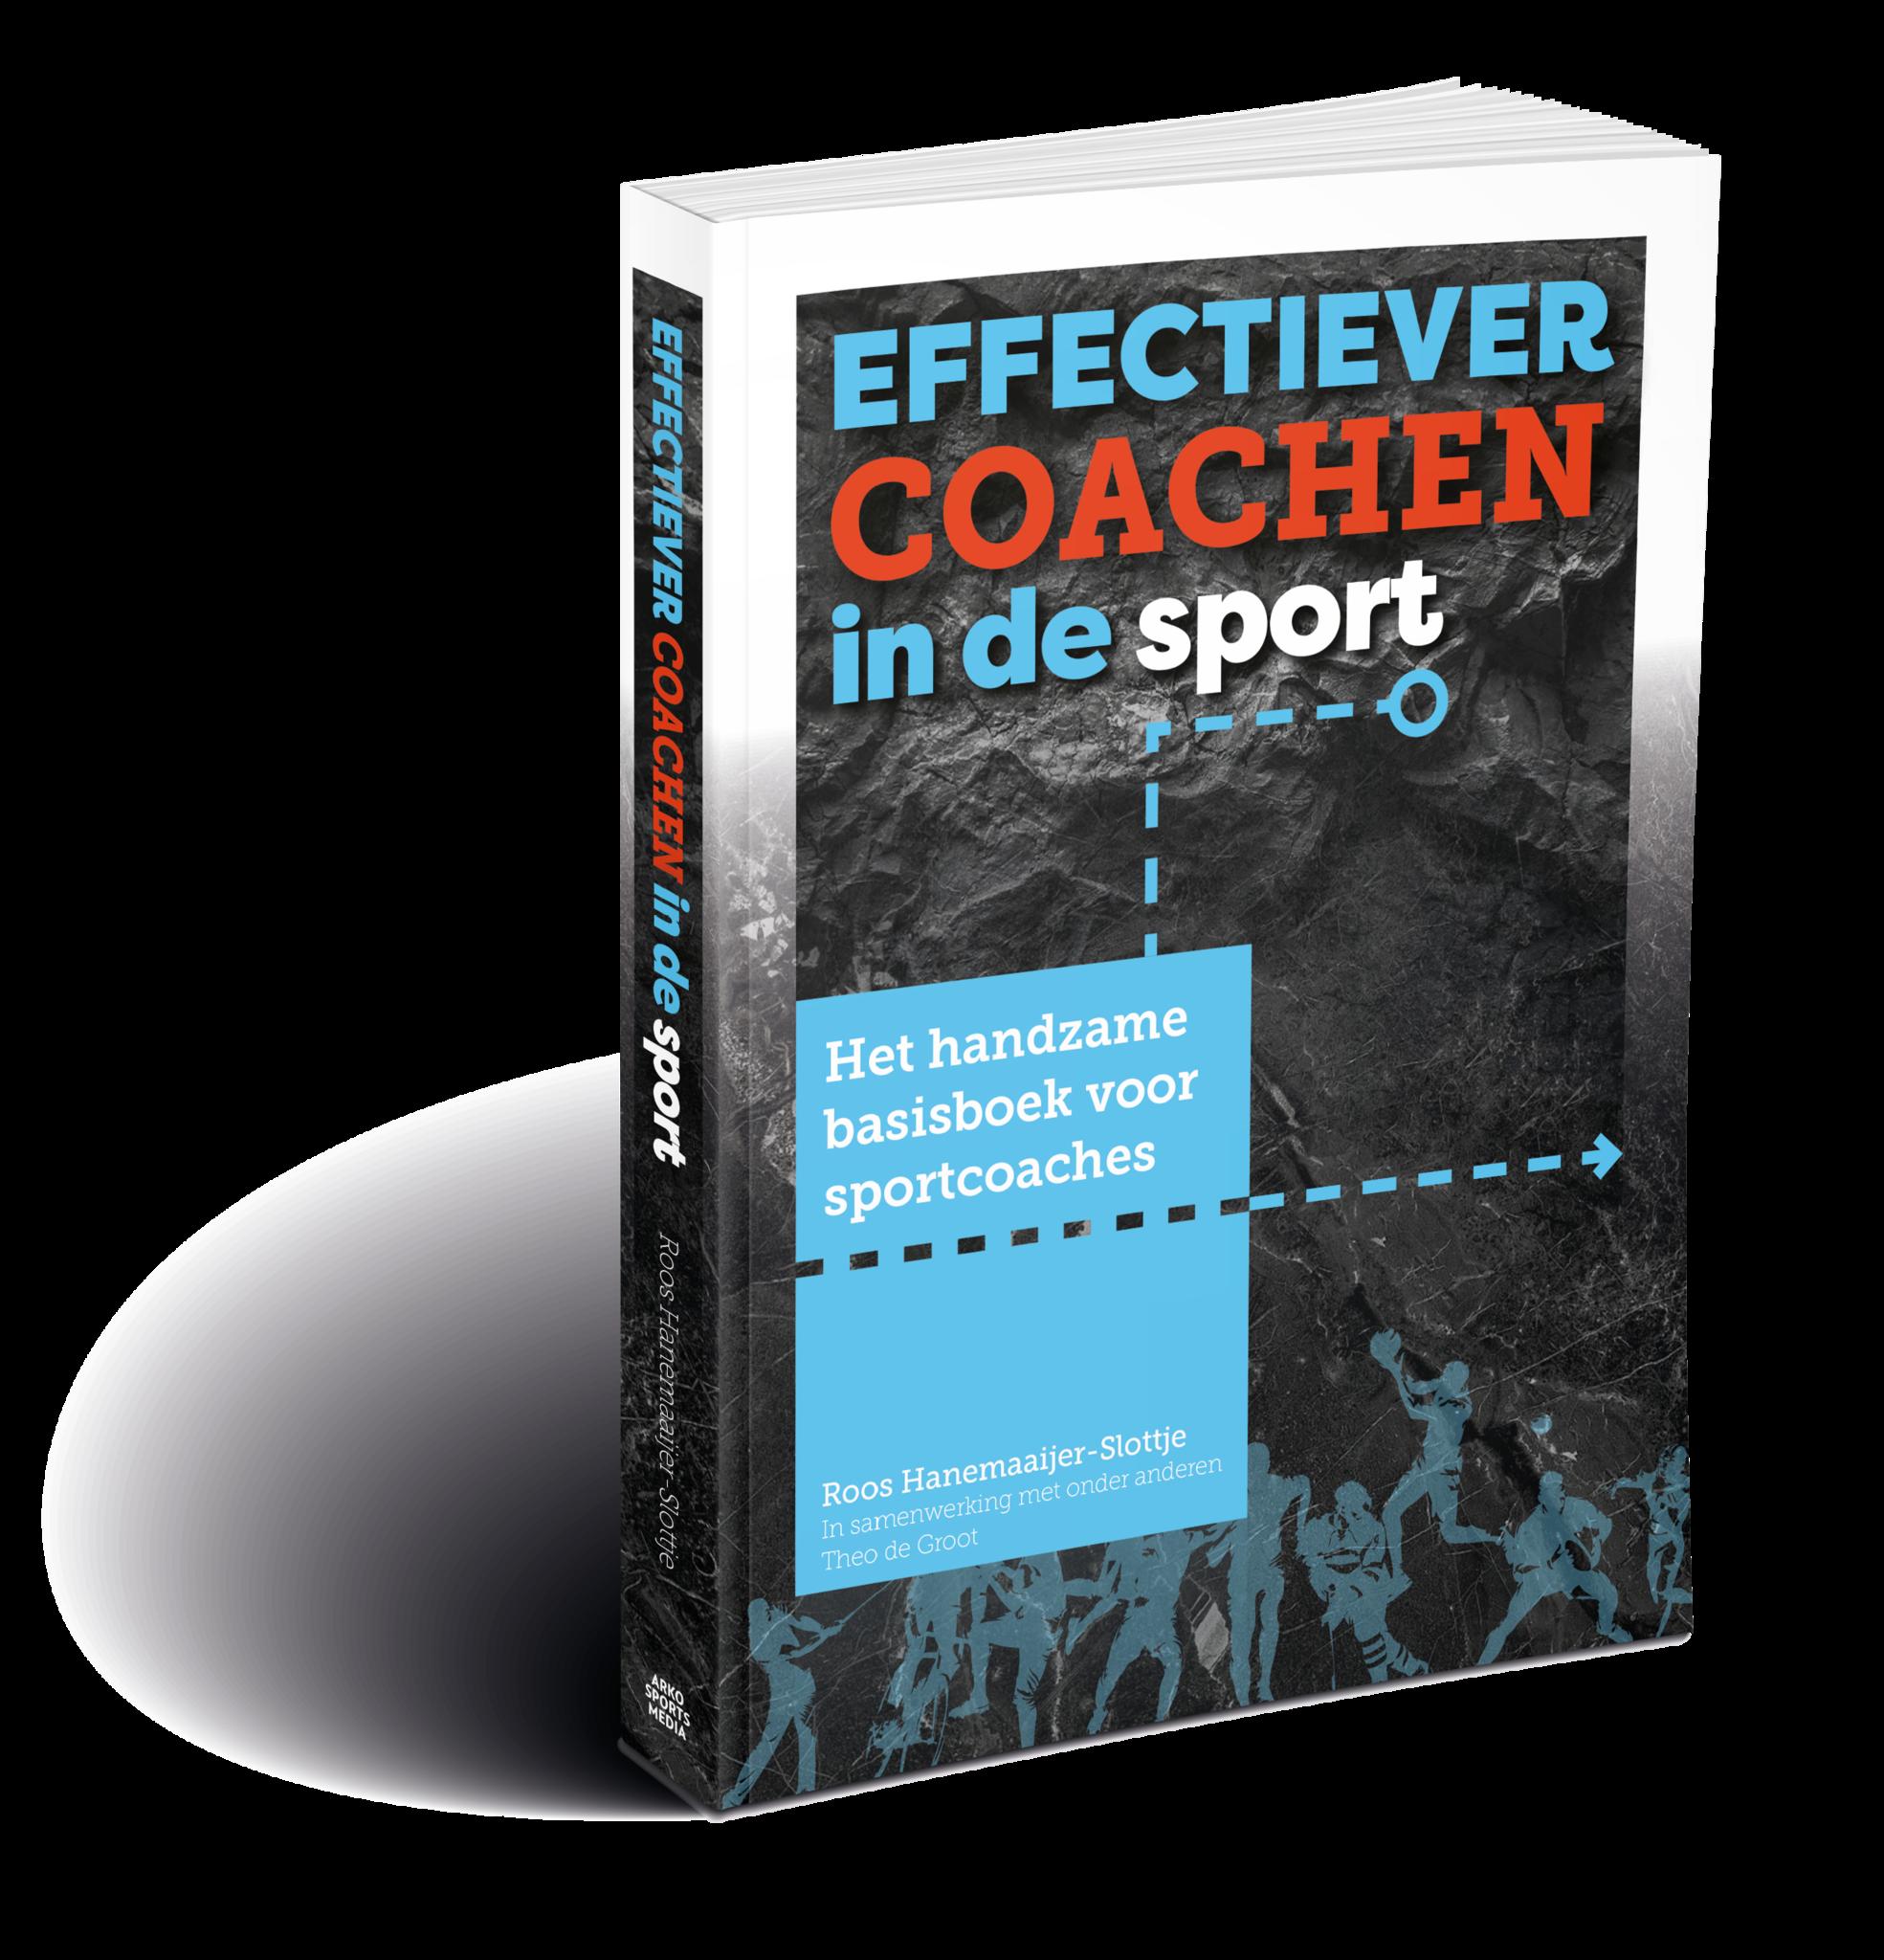 Effectiever coachen in de sport - Het handzame basisboek voor sportcoaches